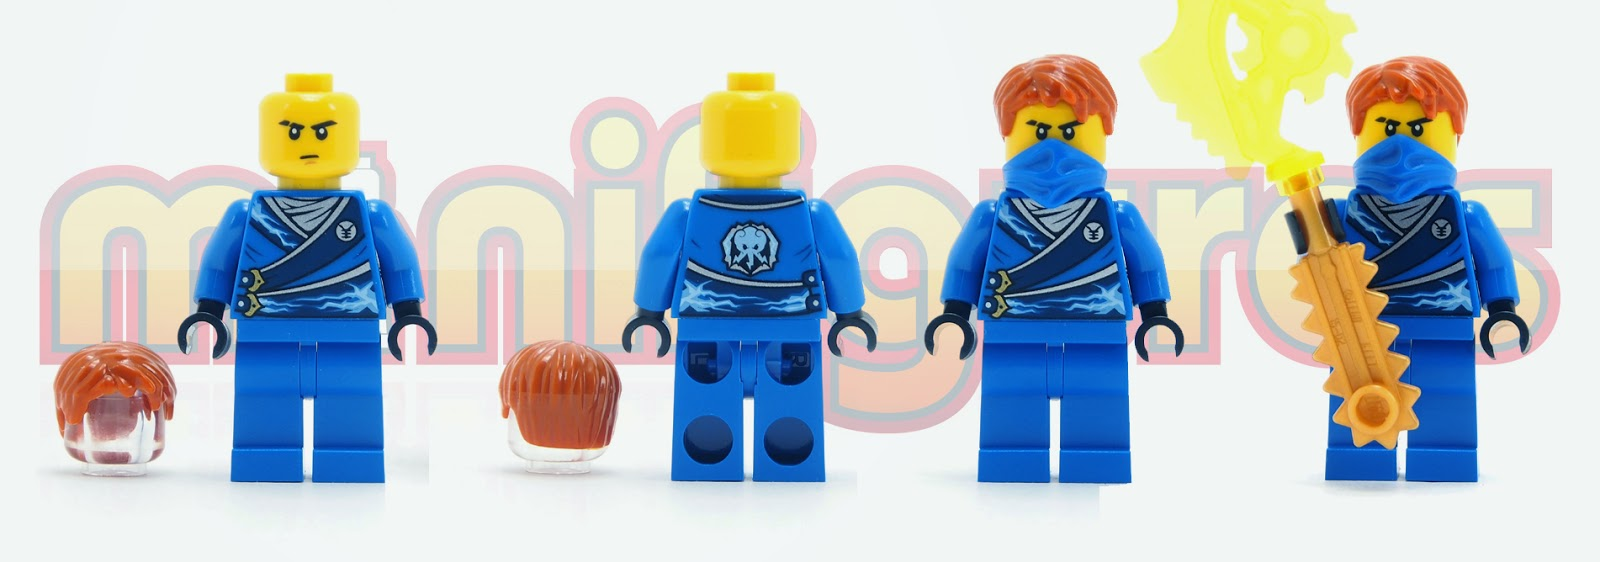 Lego Minifigure Ninjago Jay Rebooted NEW